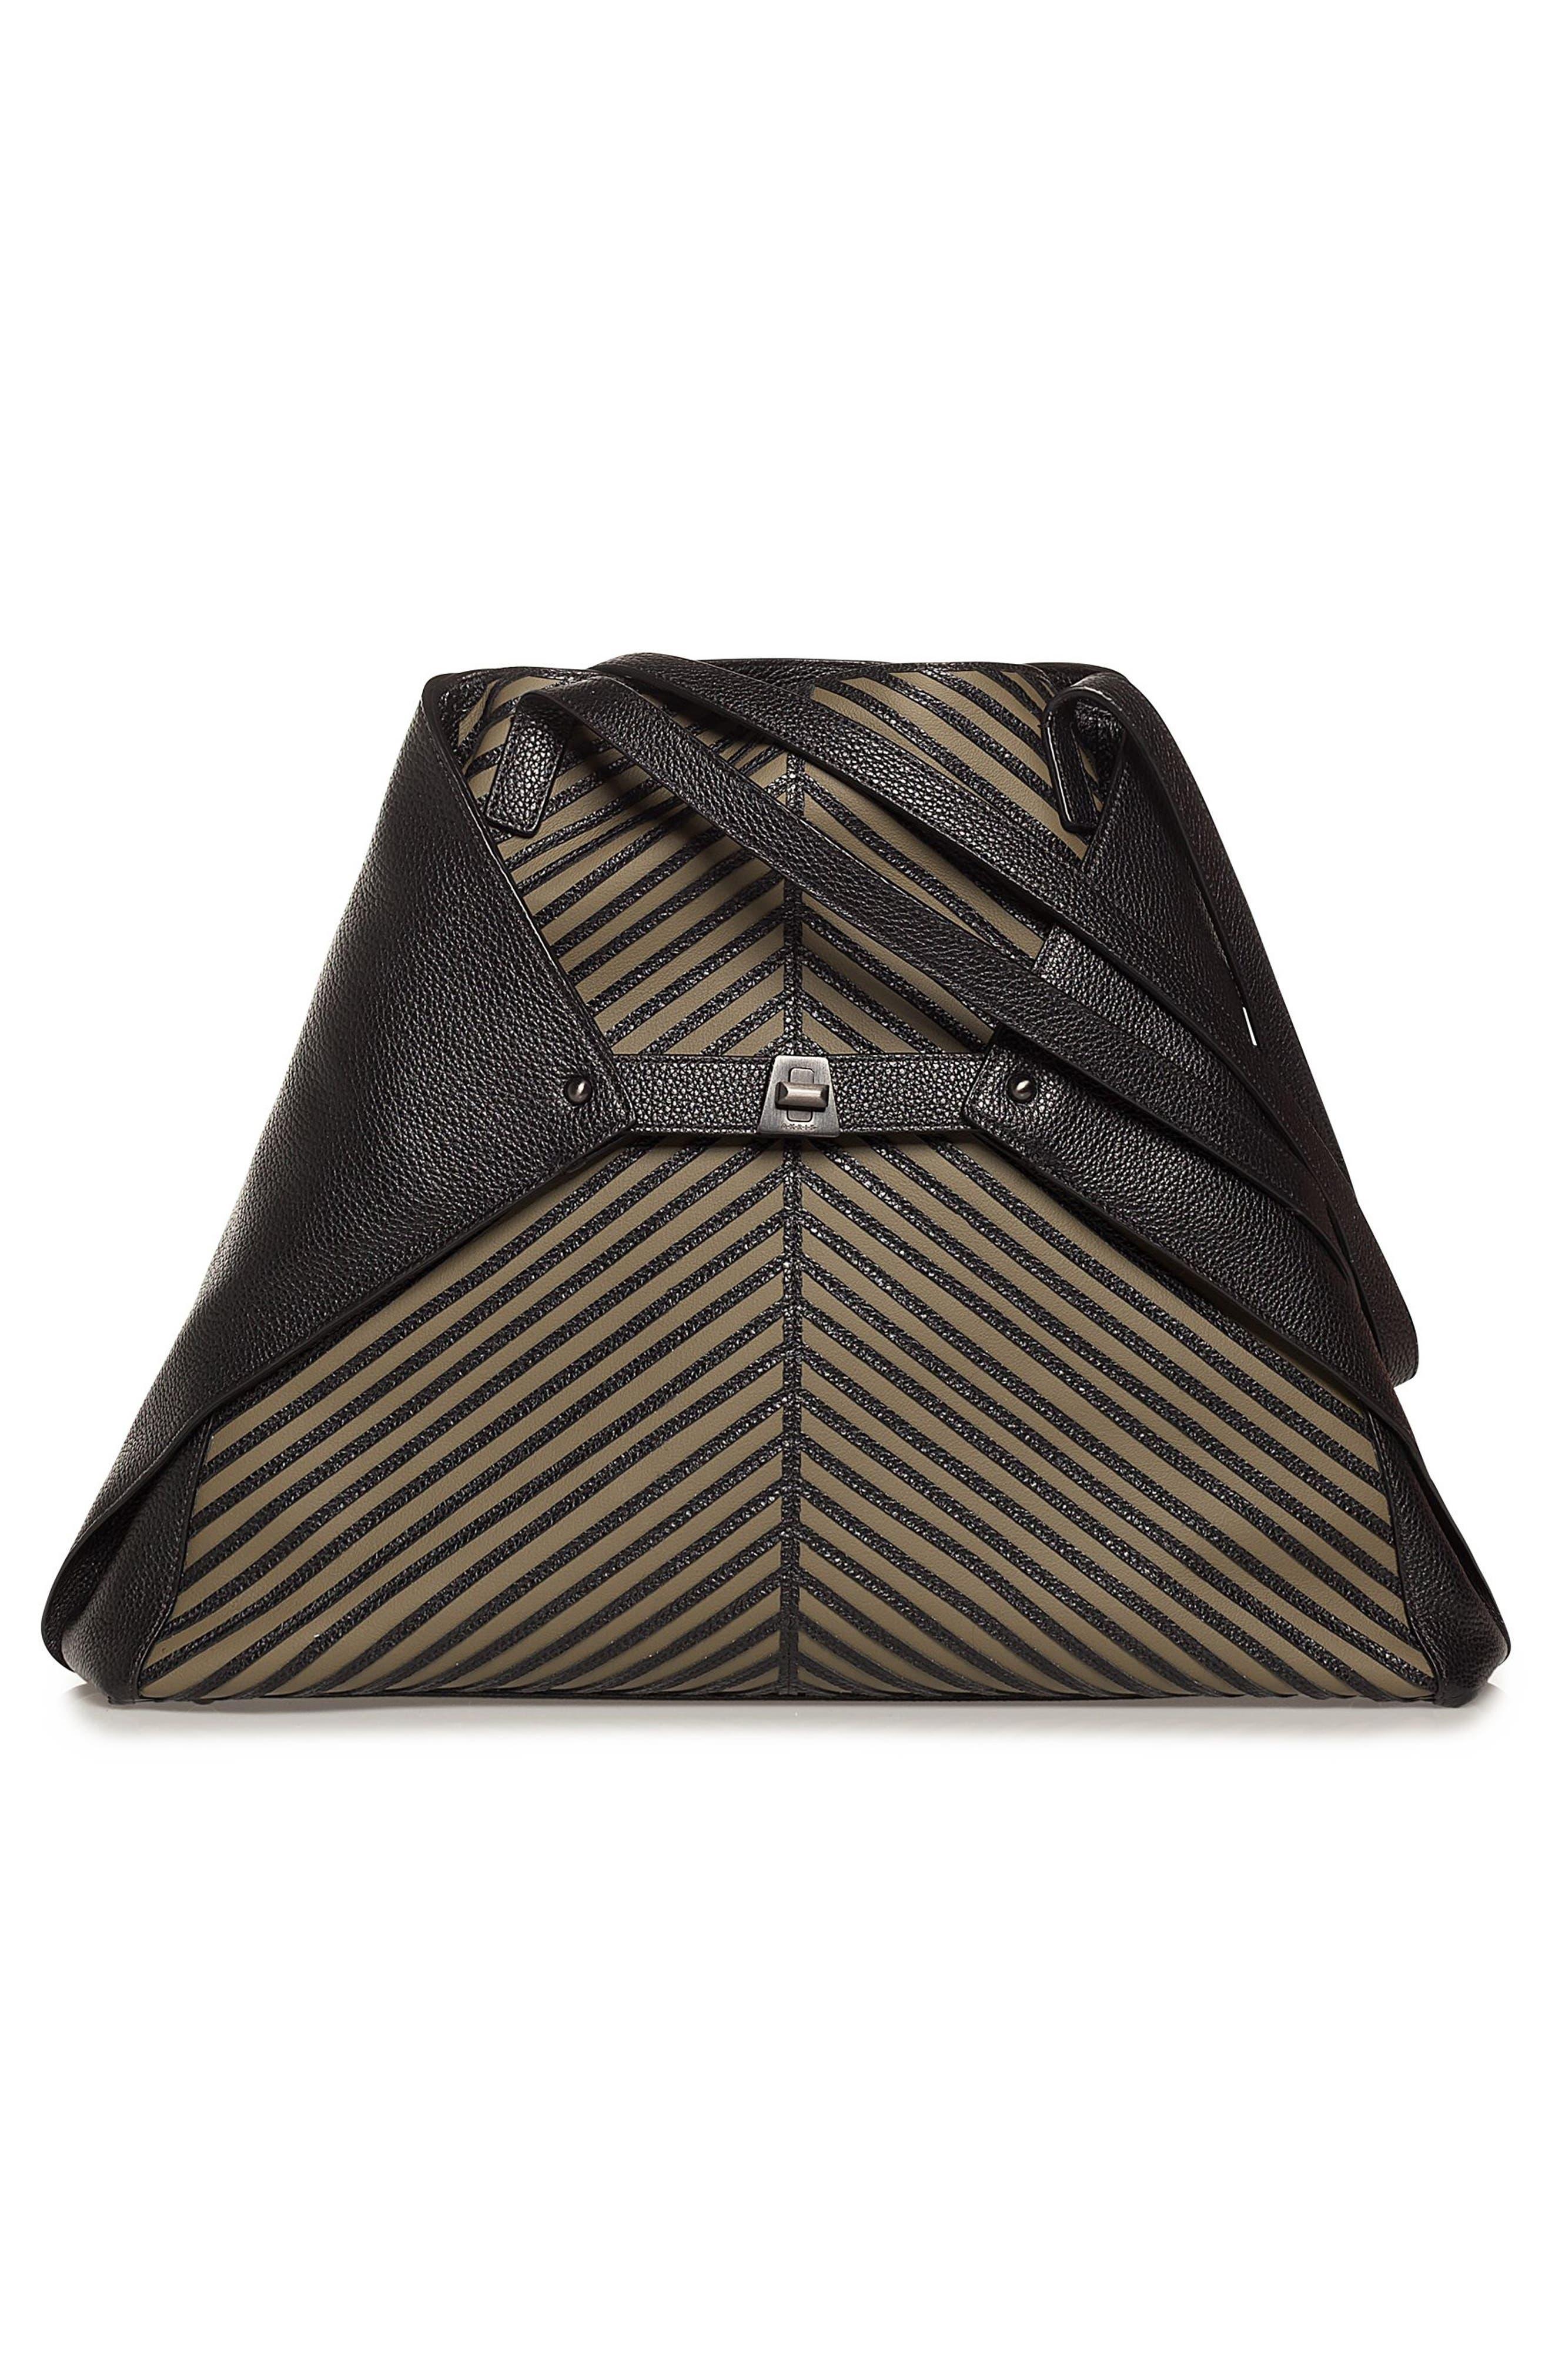 Medium AI Leather Tote,                         Main,                         color, Olive/ Black